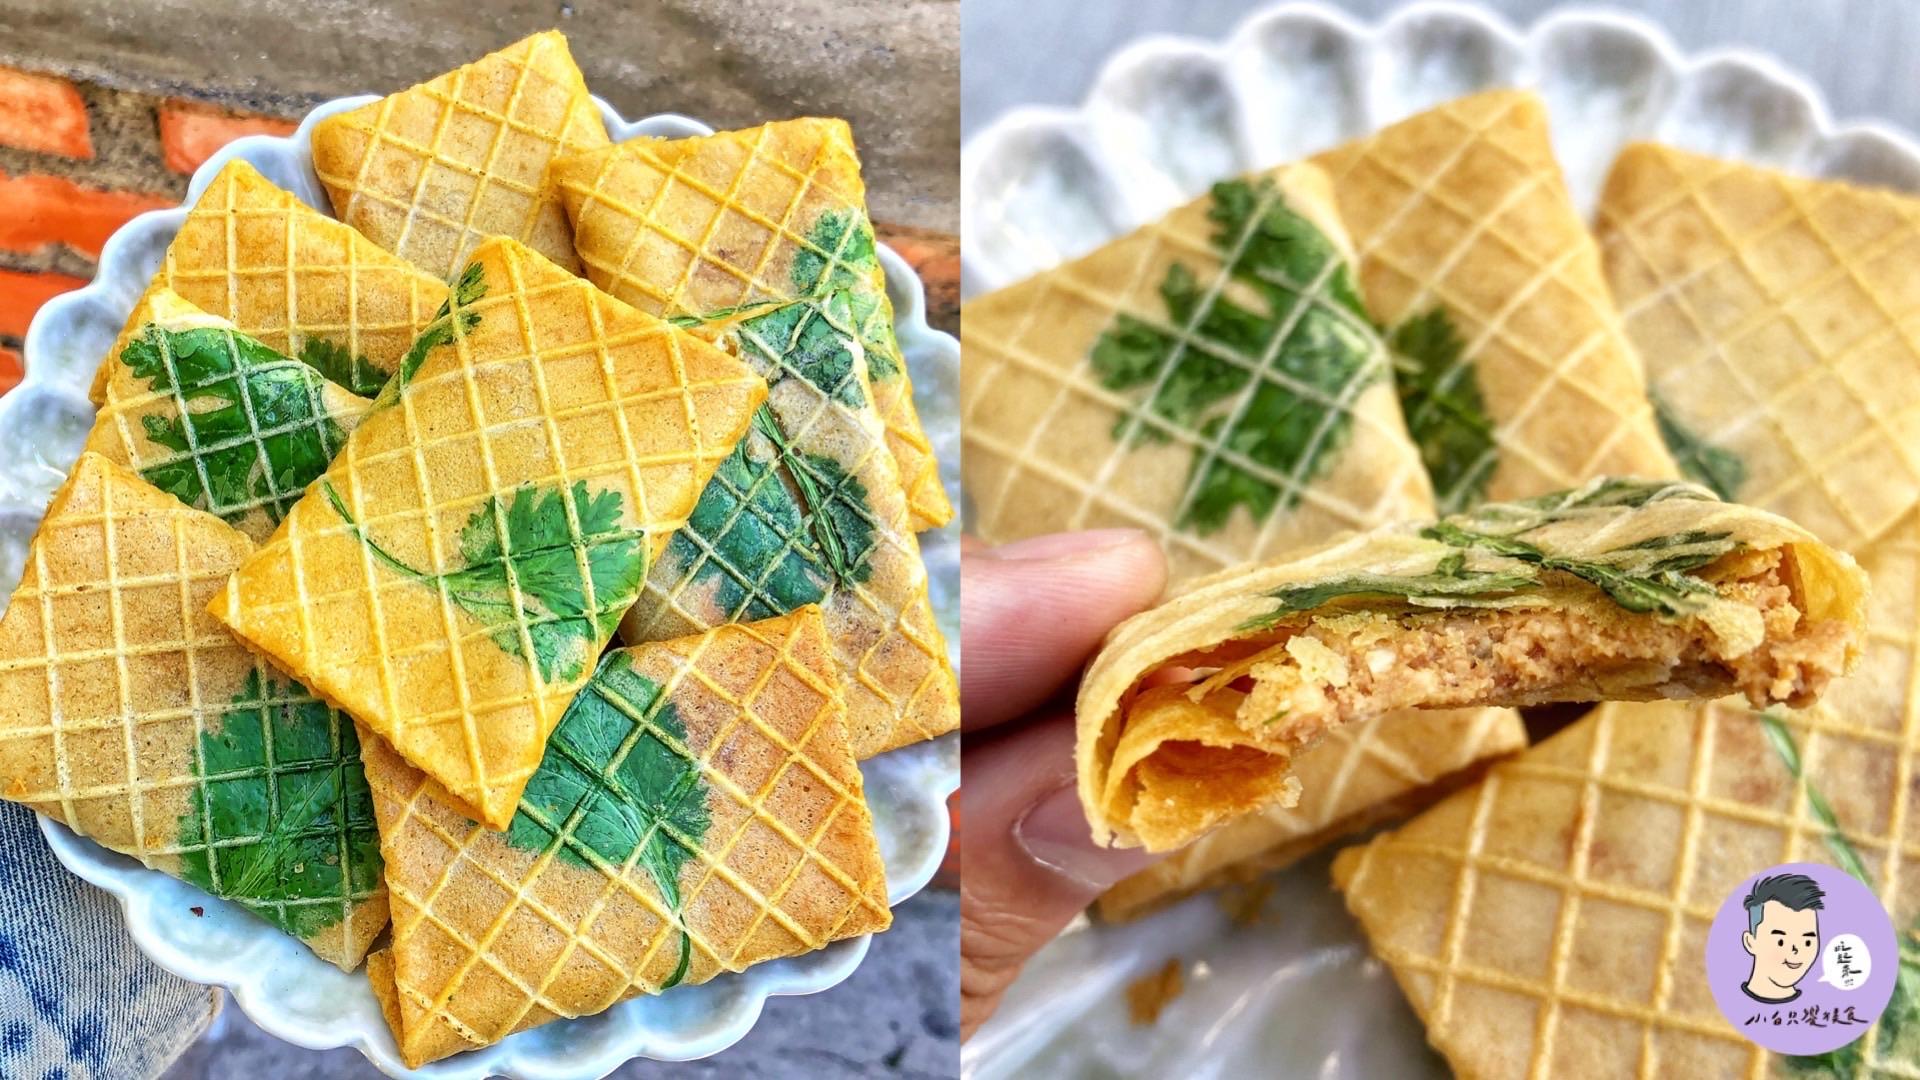 【台南中西區】海王子碳烤夾心酥 用炭火烤出來的愛心煎餅 鐵砂掌烤爐製作 飄香巷弄中古早味小吃